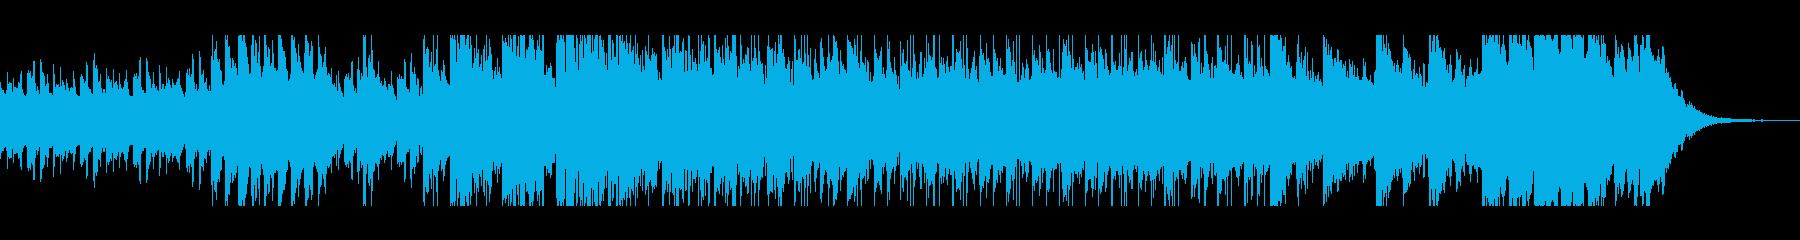 ほのぼのとした雰囲気のアコギの再生済みの波形